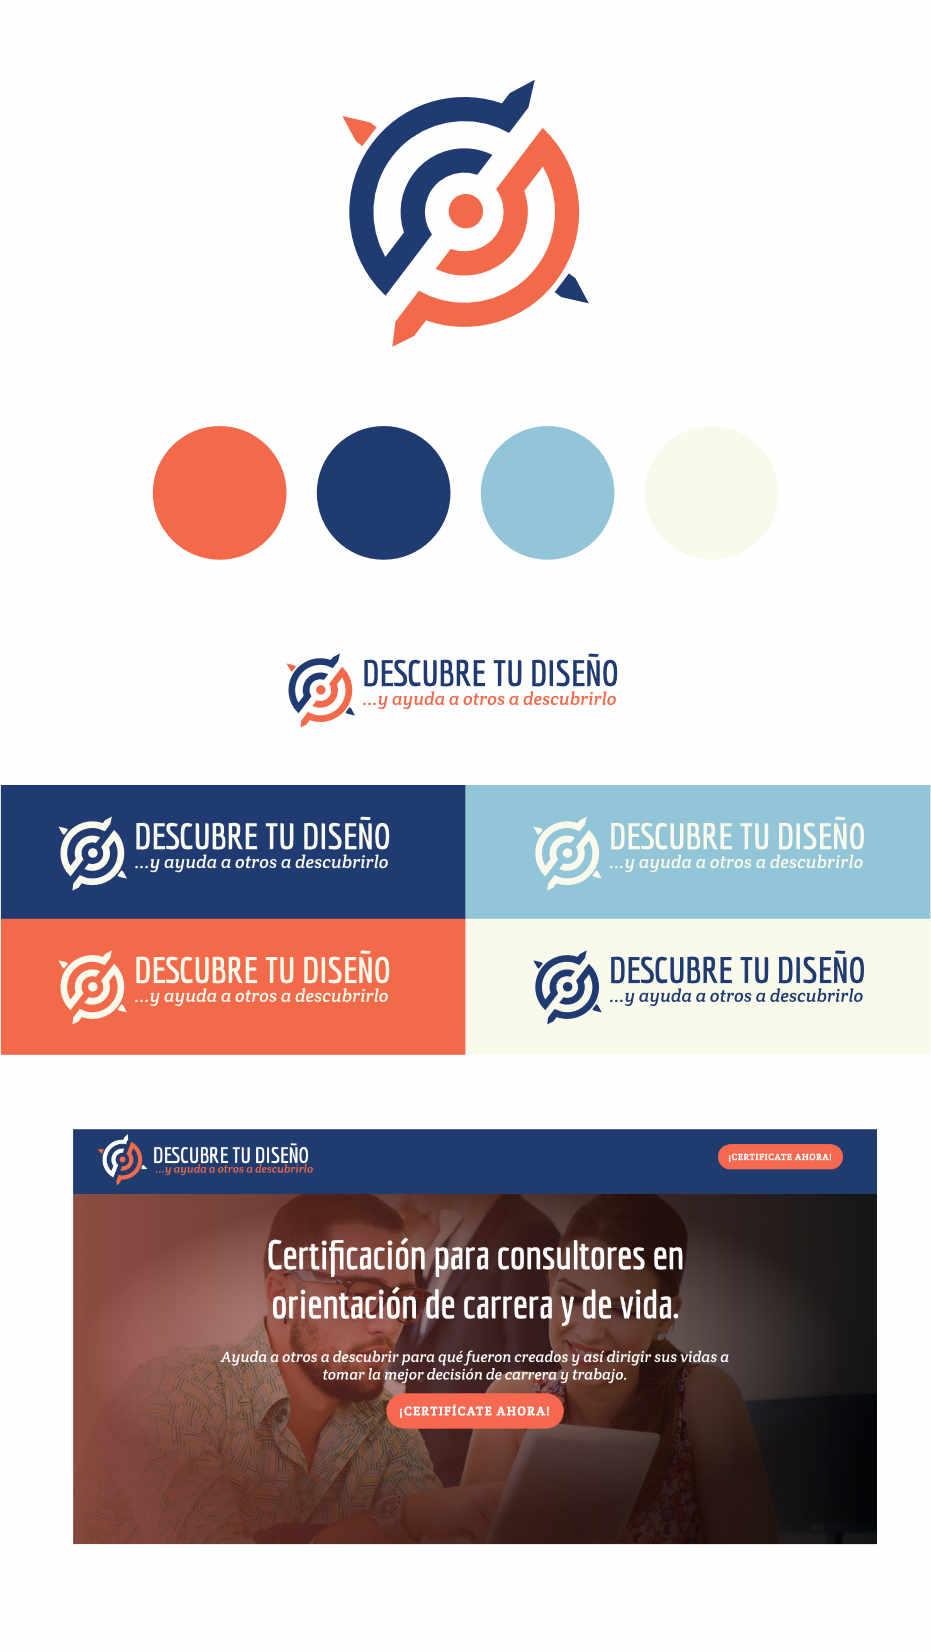 Descubre tu Diseño